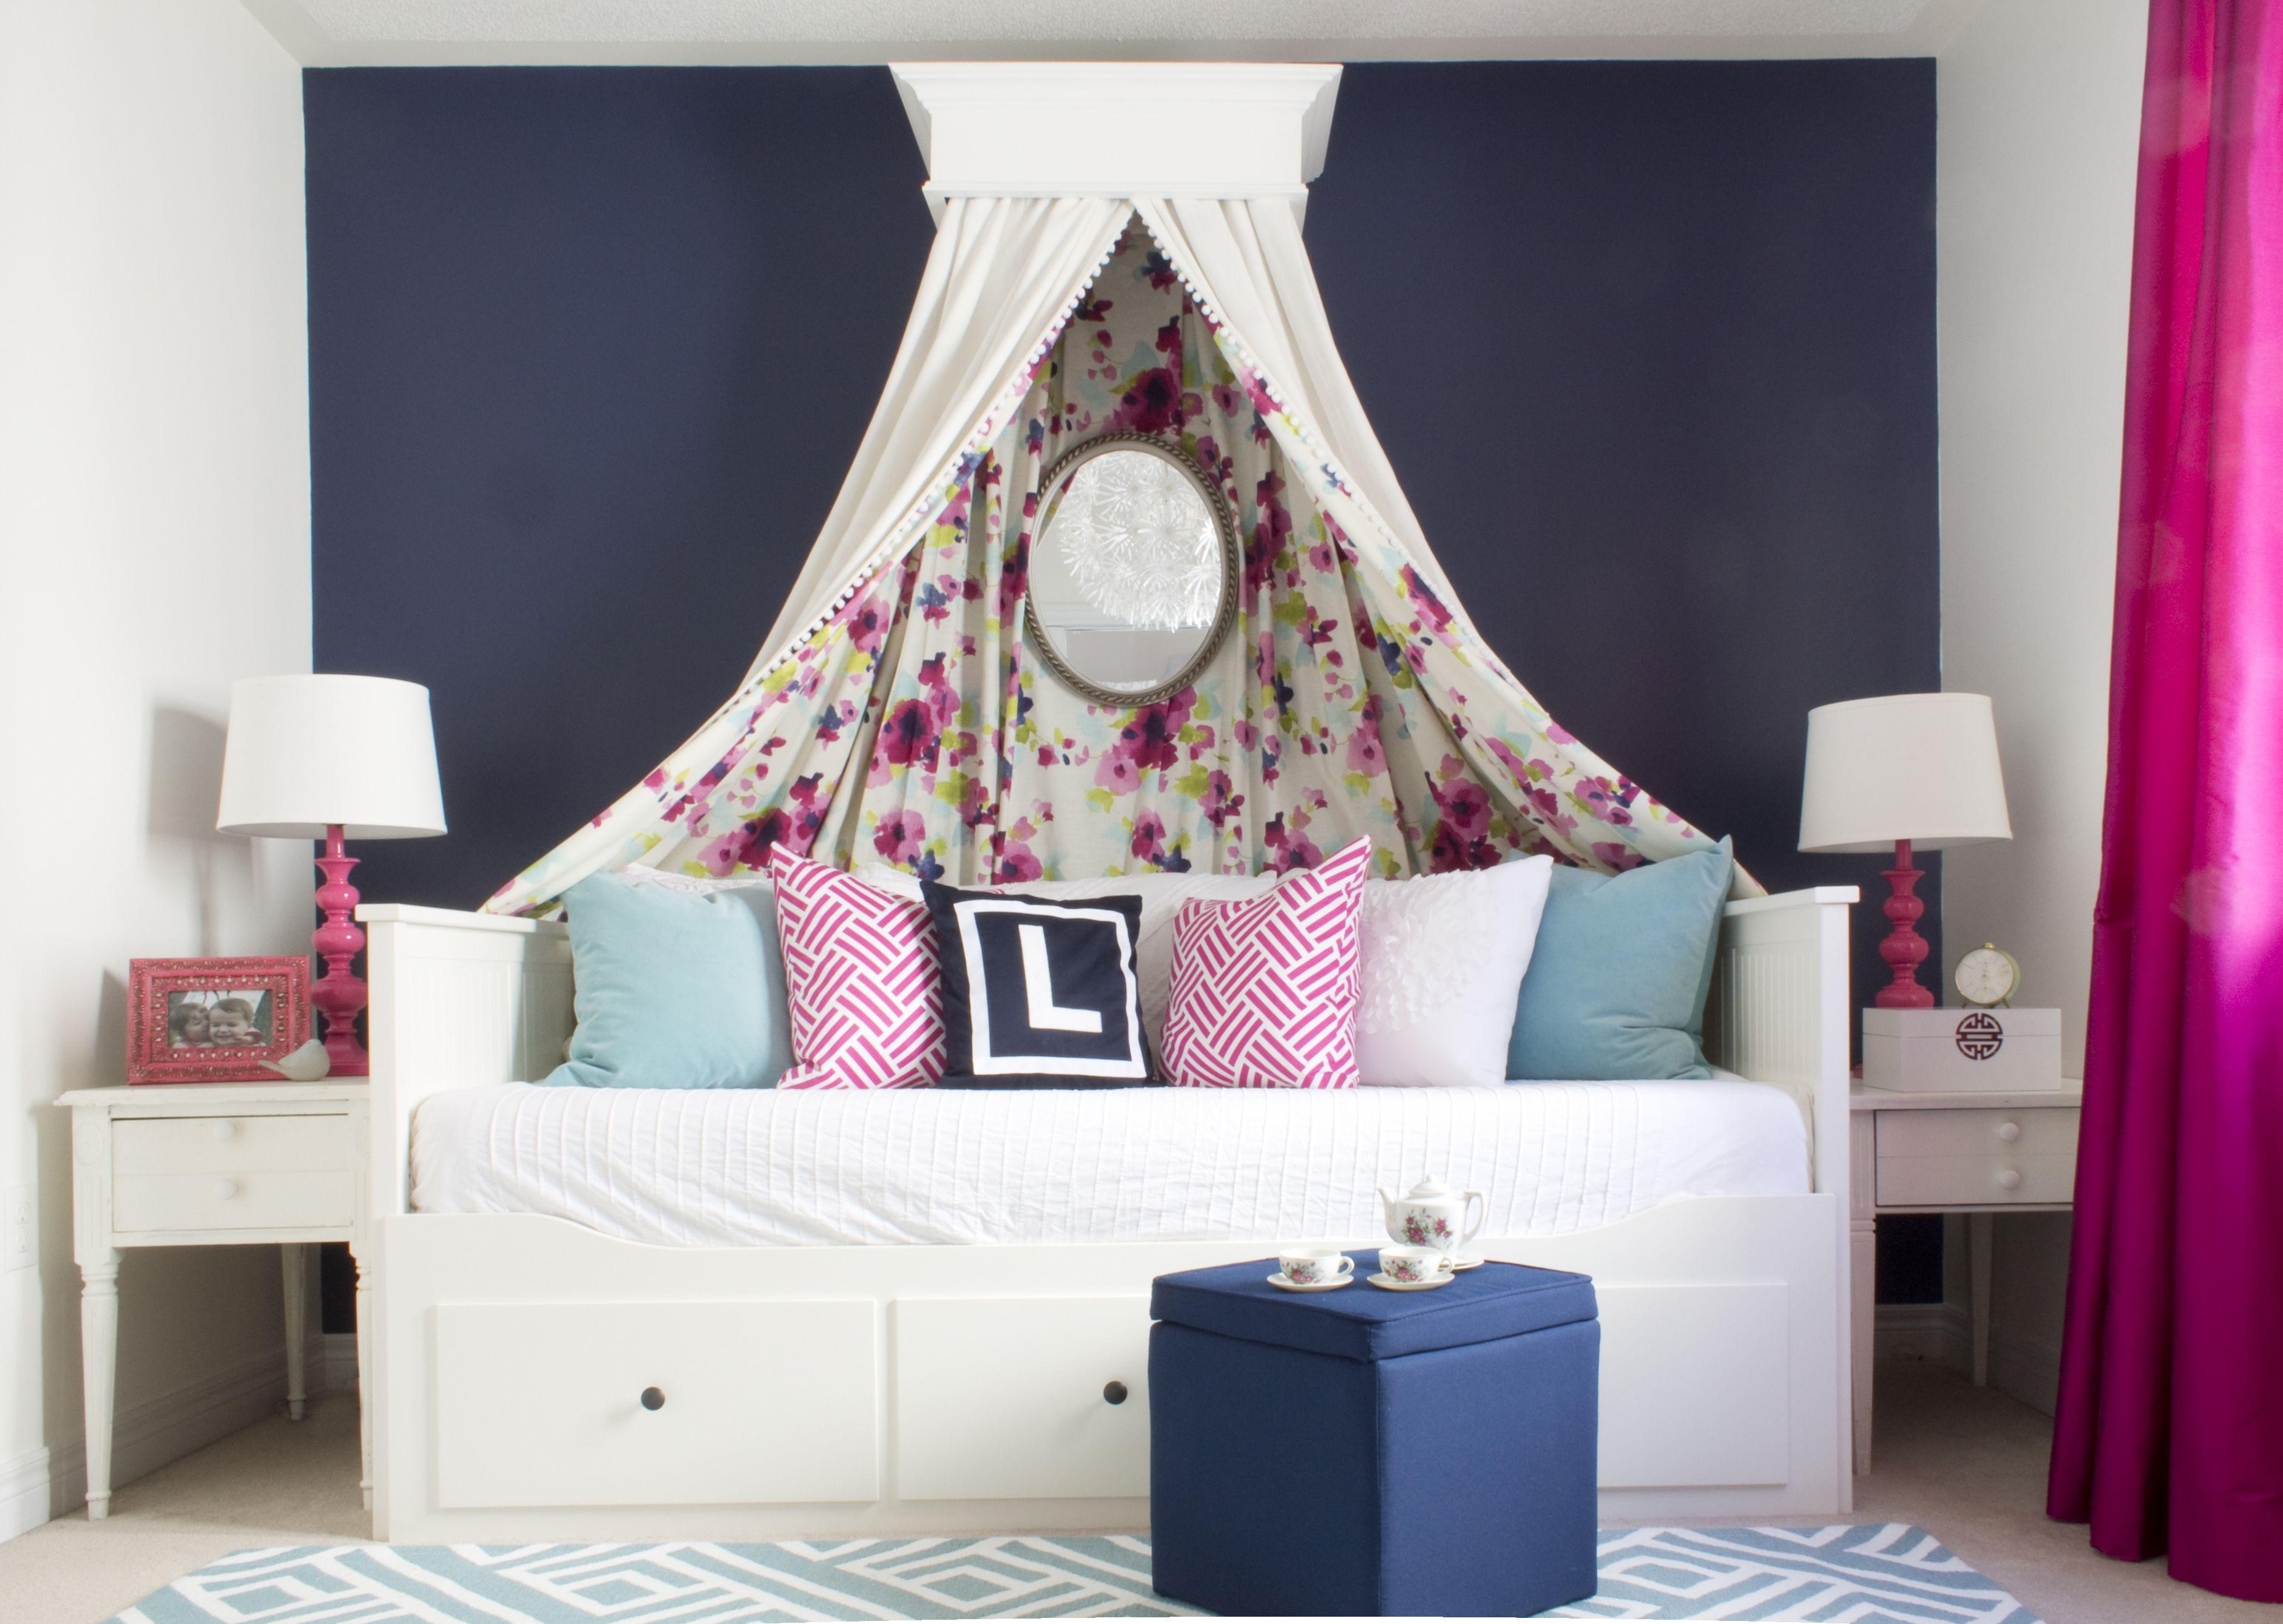 Habitación moderna para niñas con dosel con estampado floral